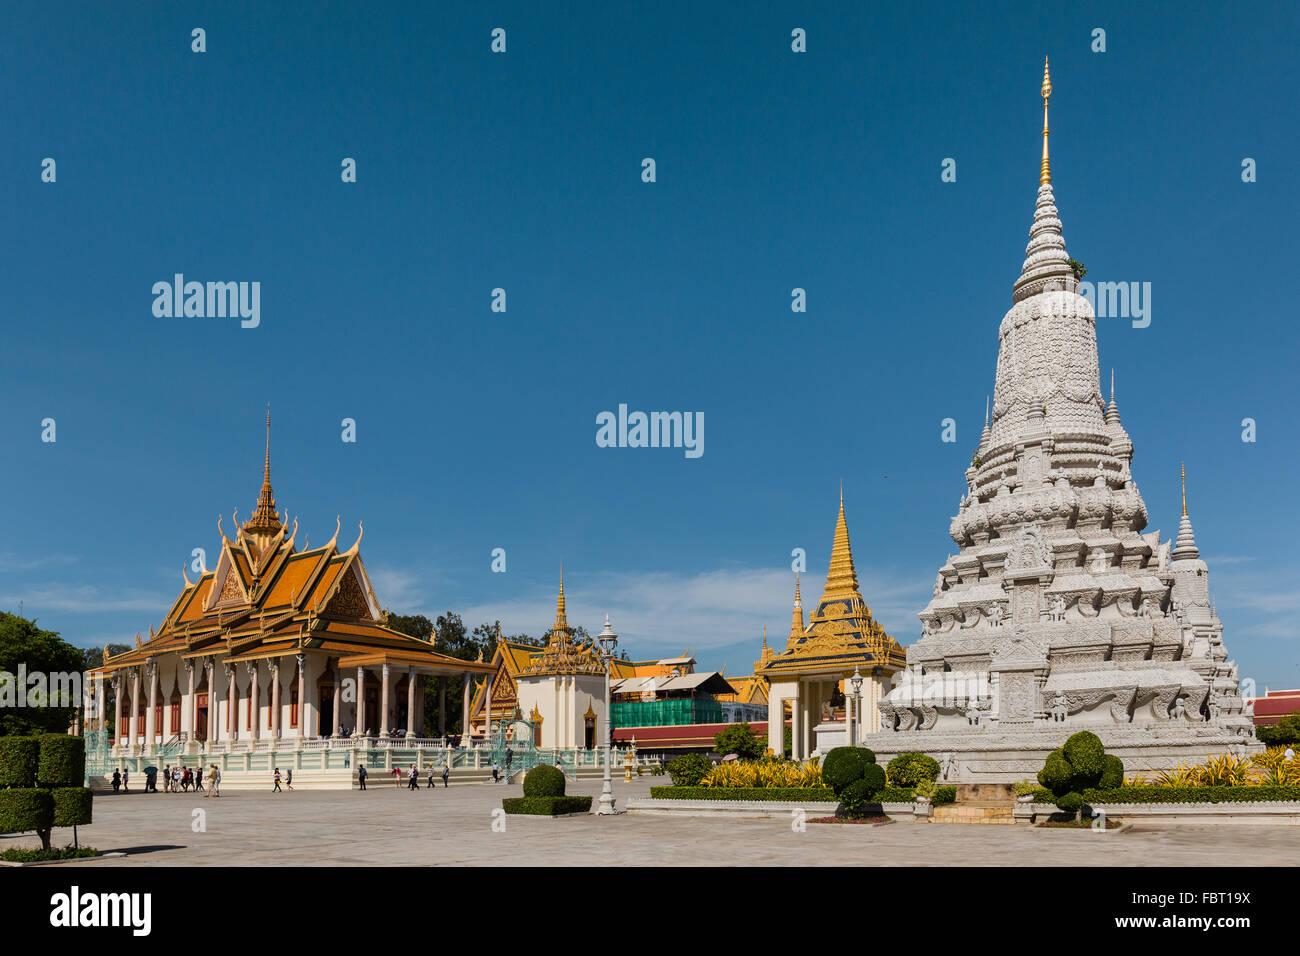 Silver Pagoda and Stupa of King Ang Duong, Royal Palace, Phnom Penh, Cambodia - Stock Image